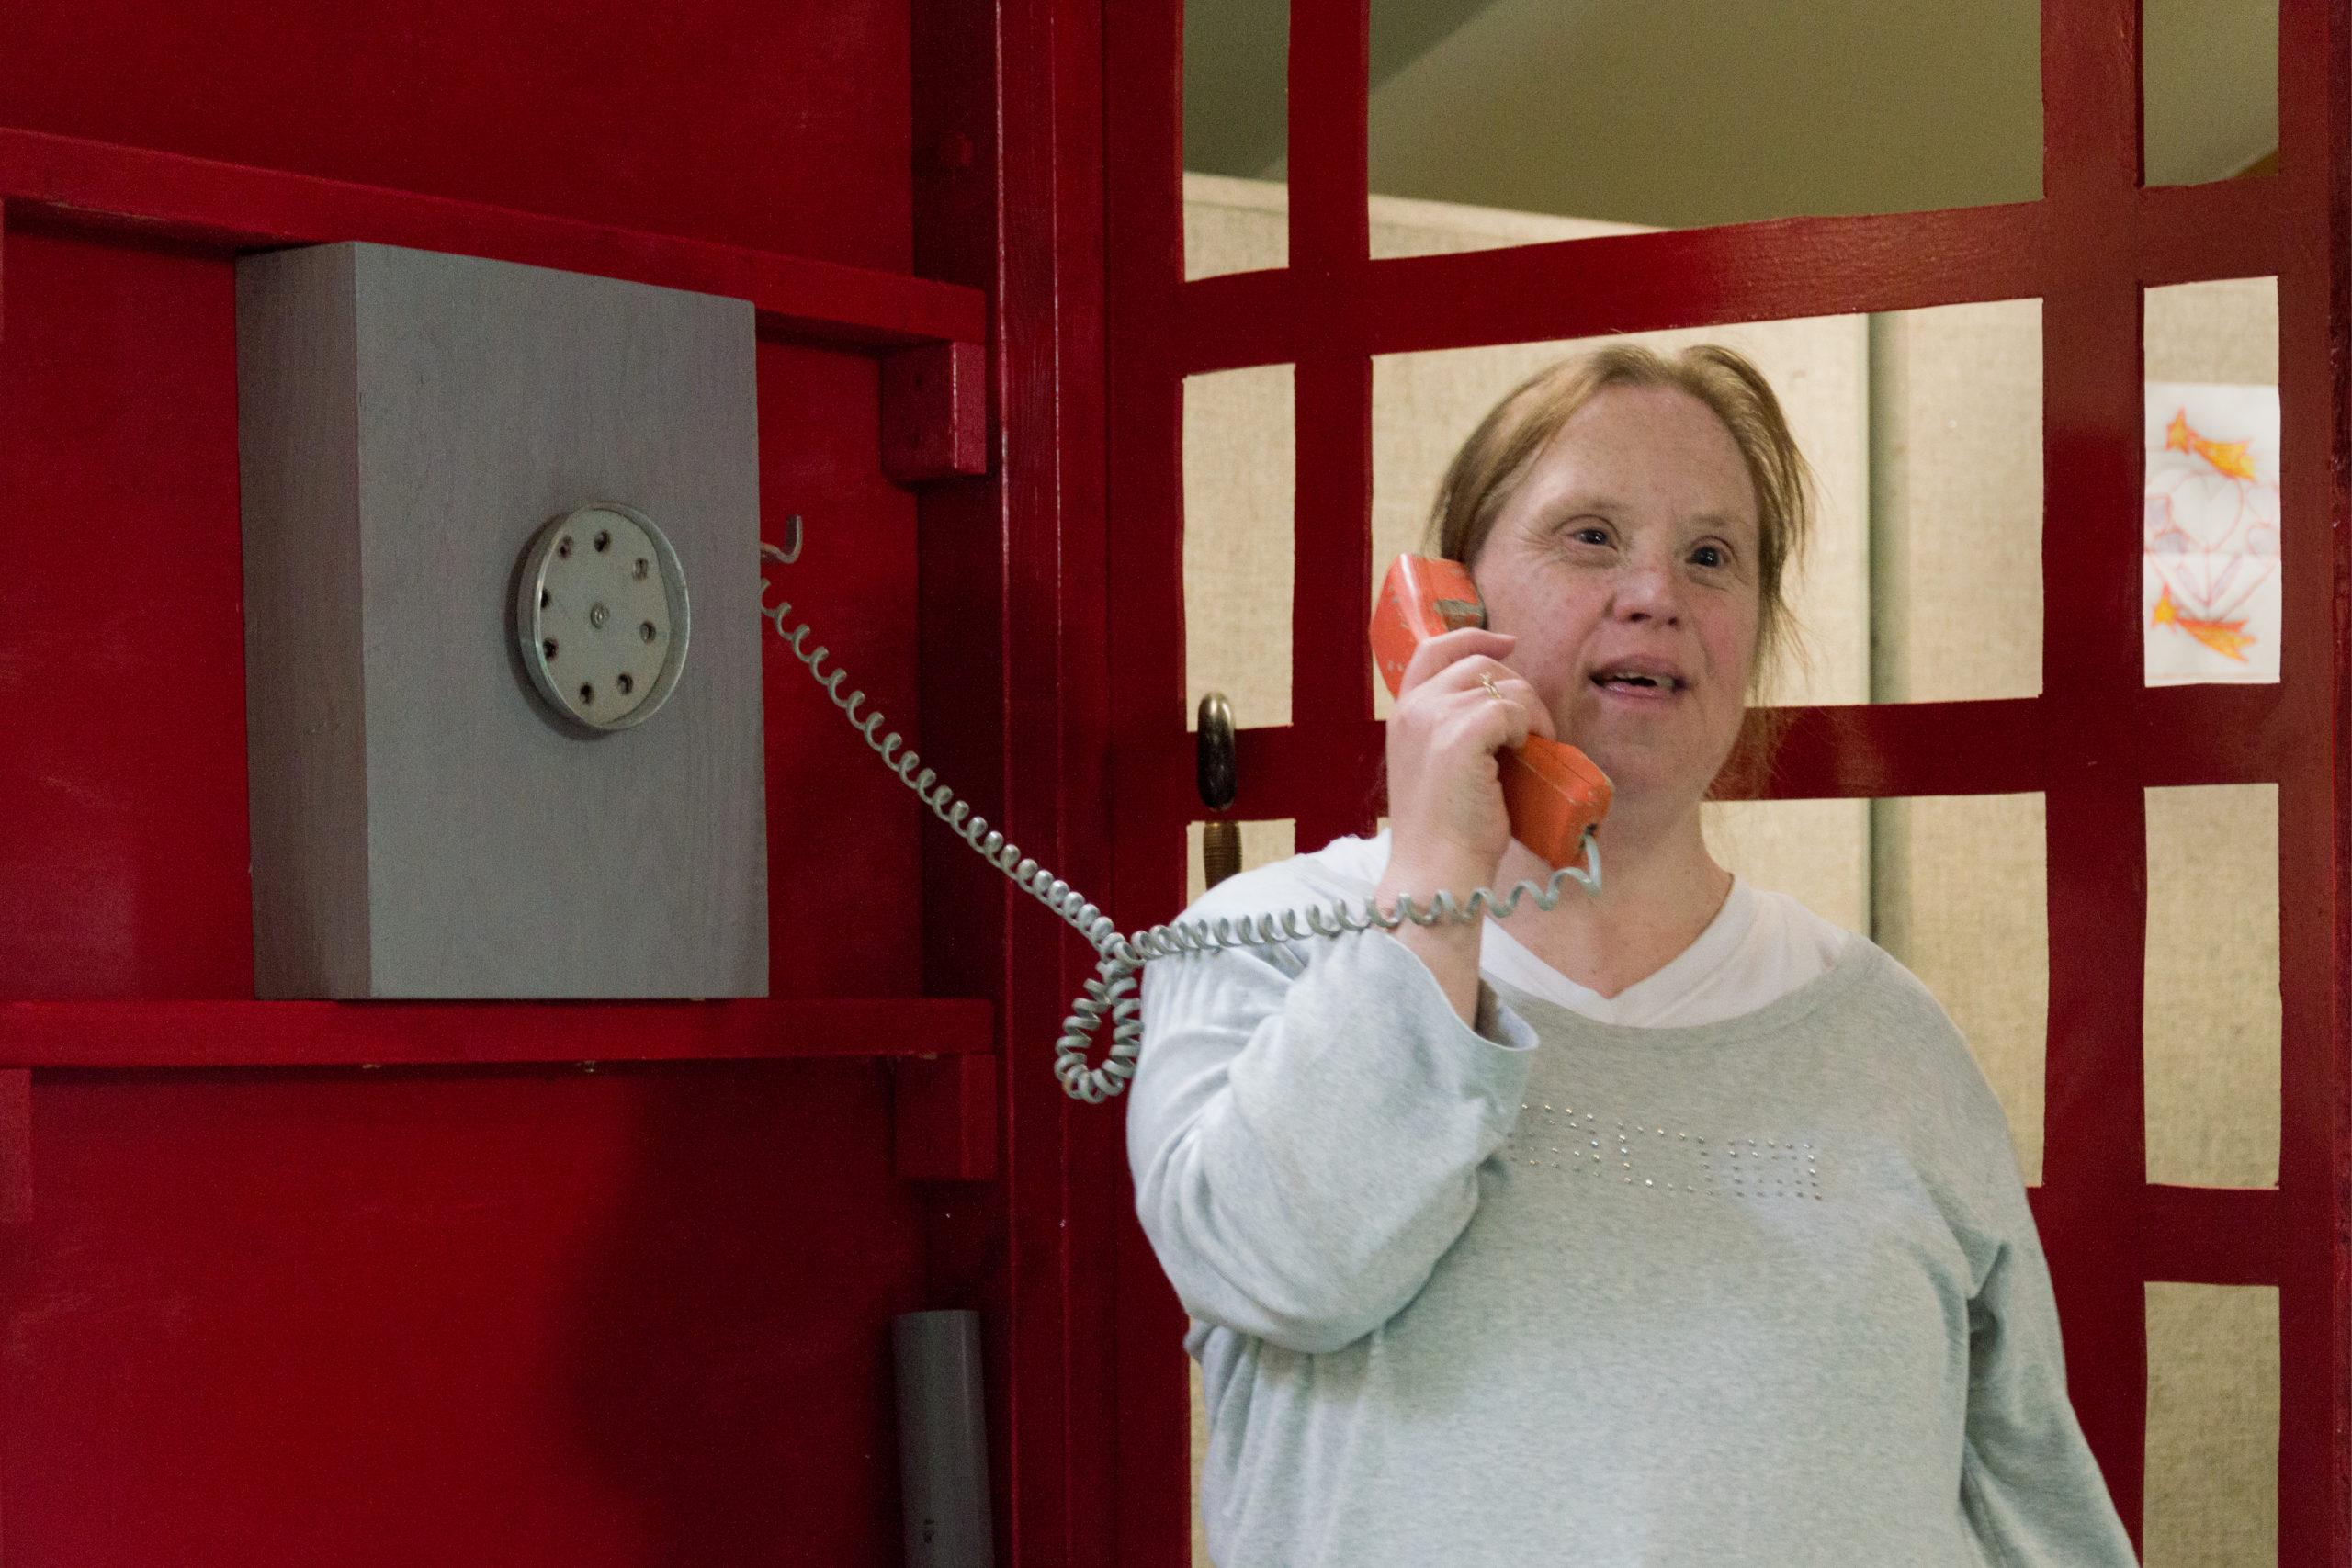 Dame handicapée dans une cabine rouge téléphonique tenant le cornet de téléphone